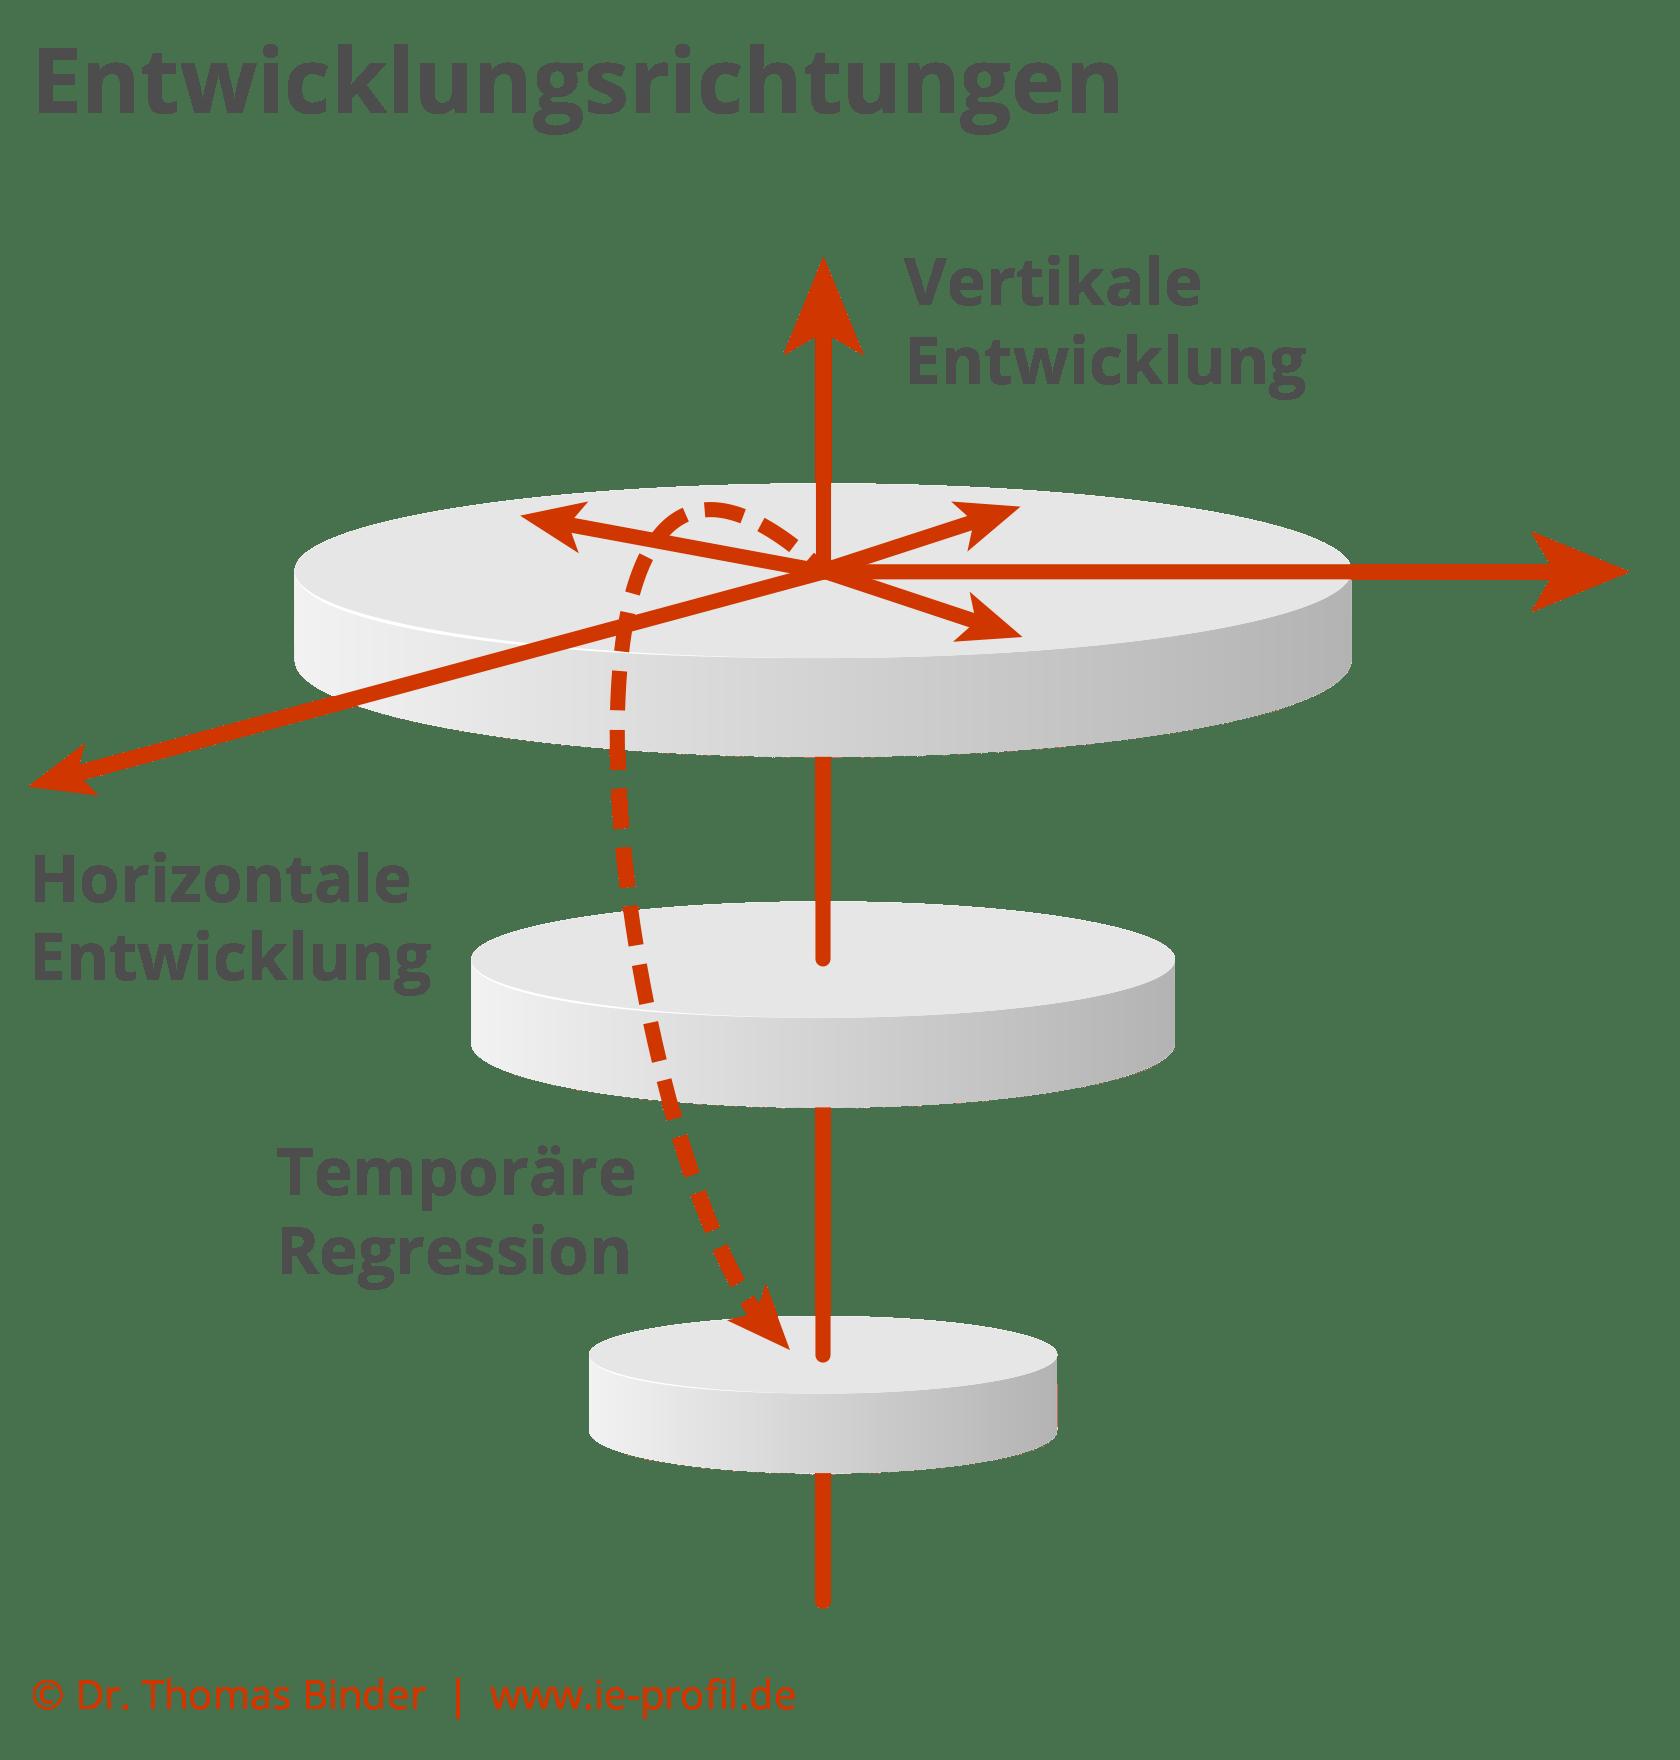 Ich-Entwicklungs-Profil - Entwicklungsrichtungen